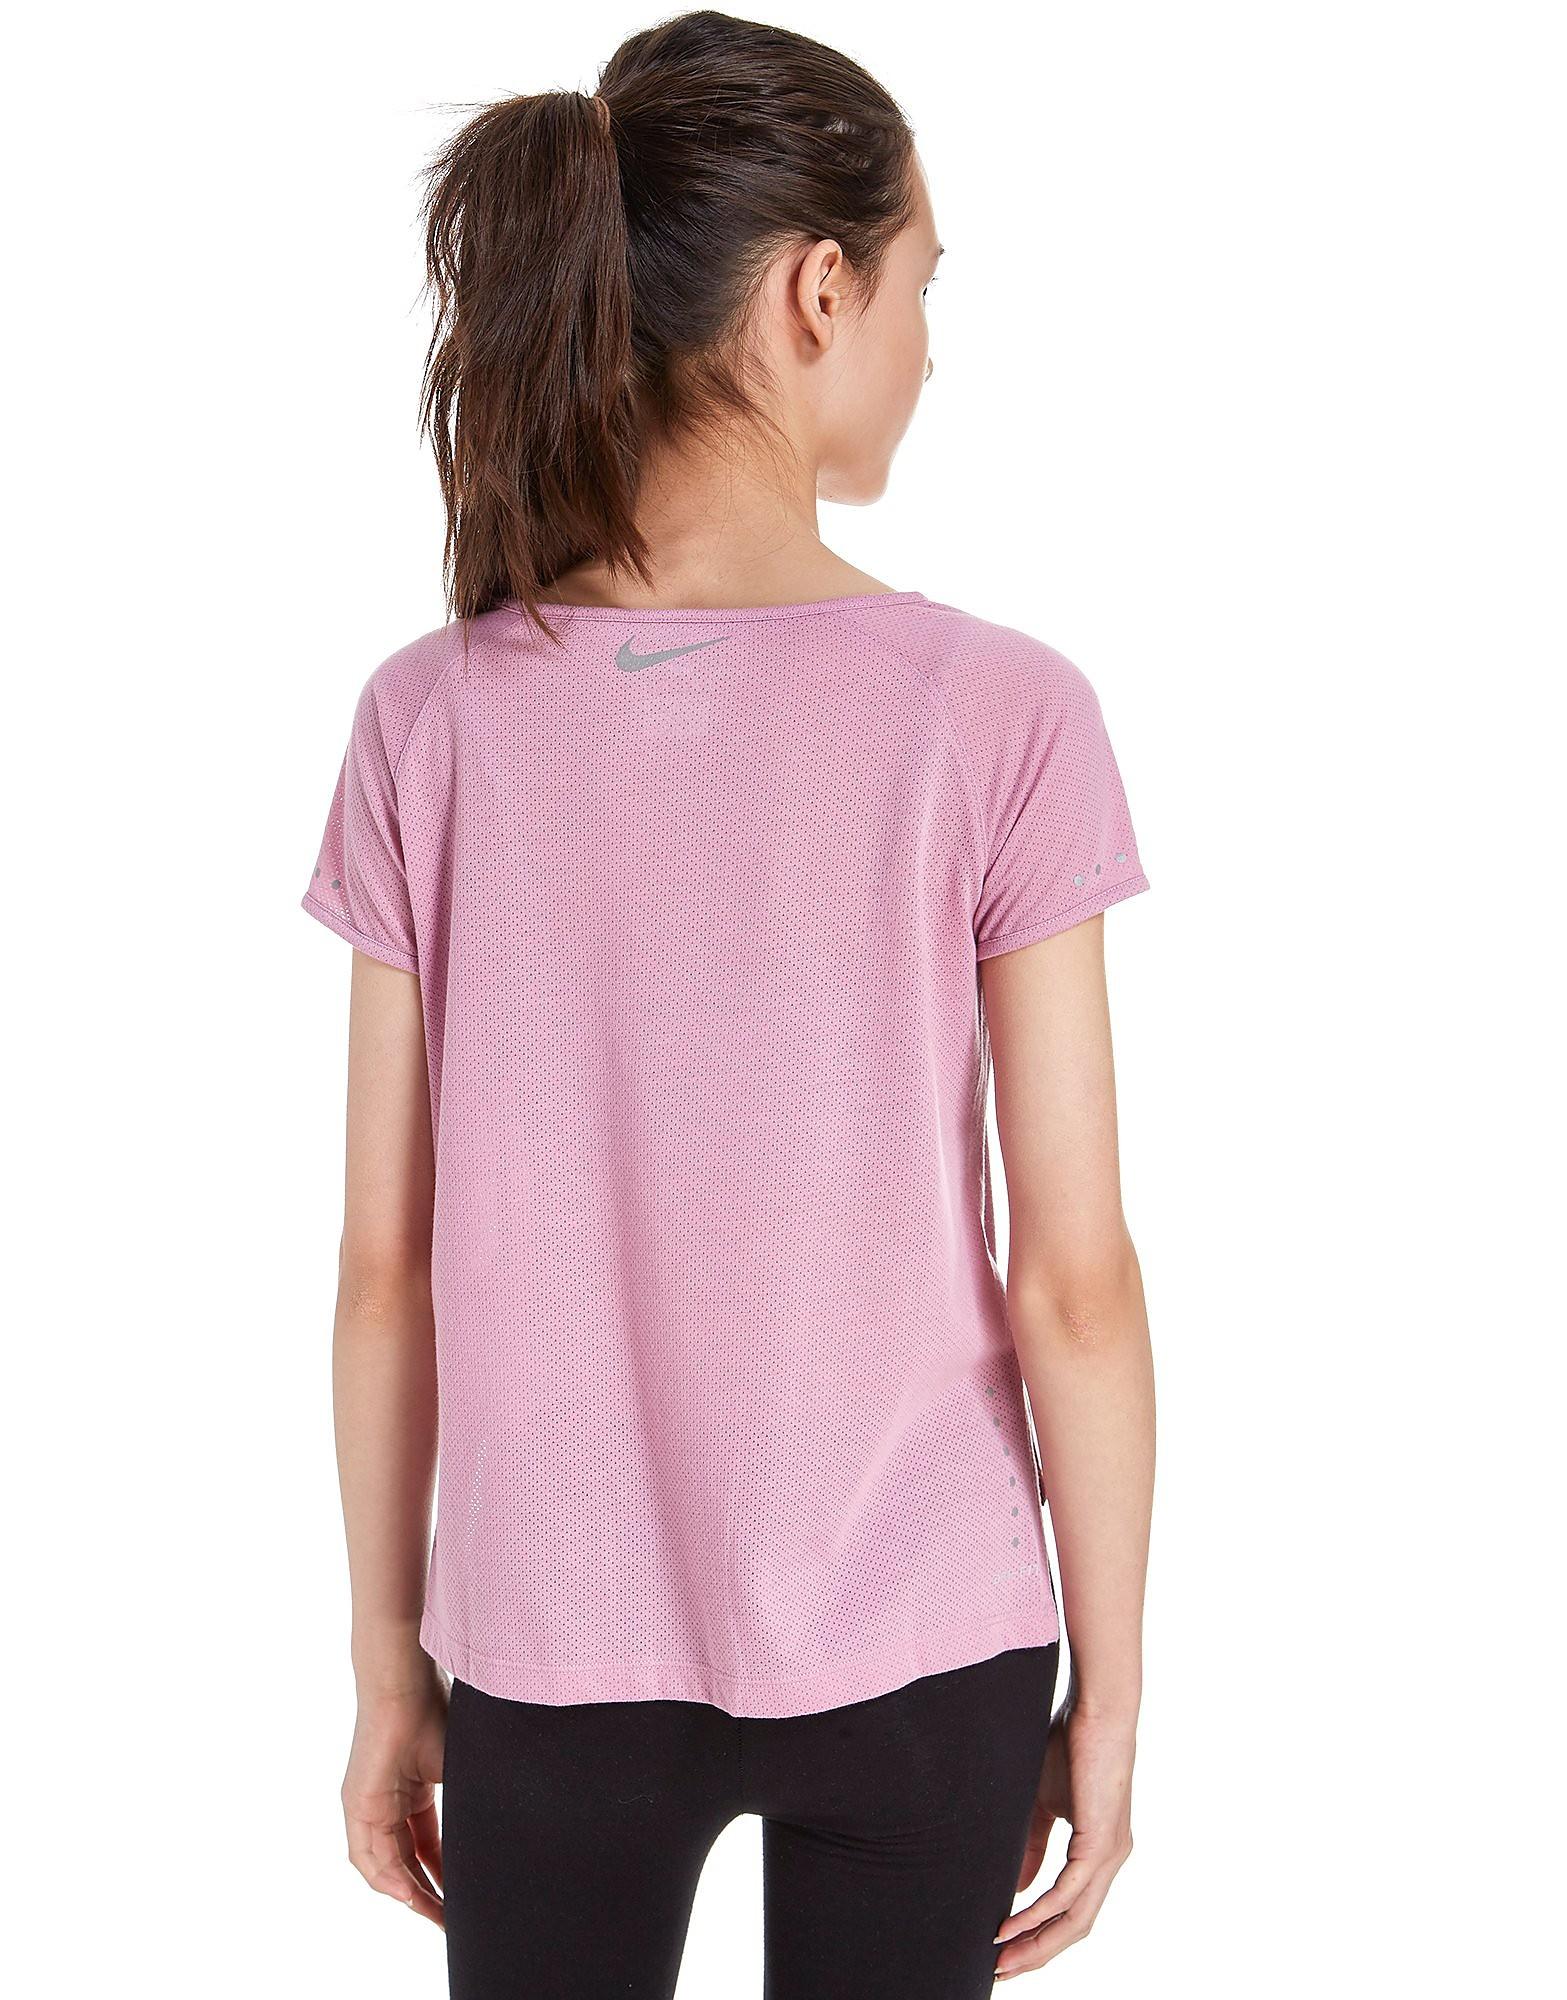 Nike T-shirt City Breathe pour fille junior